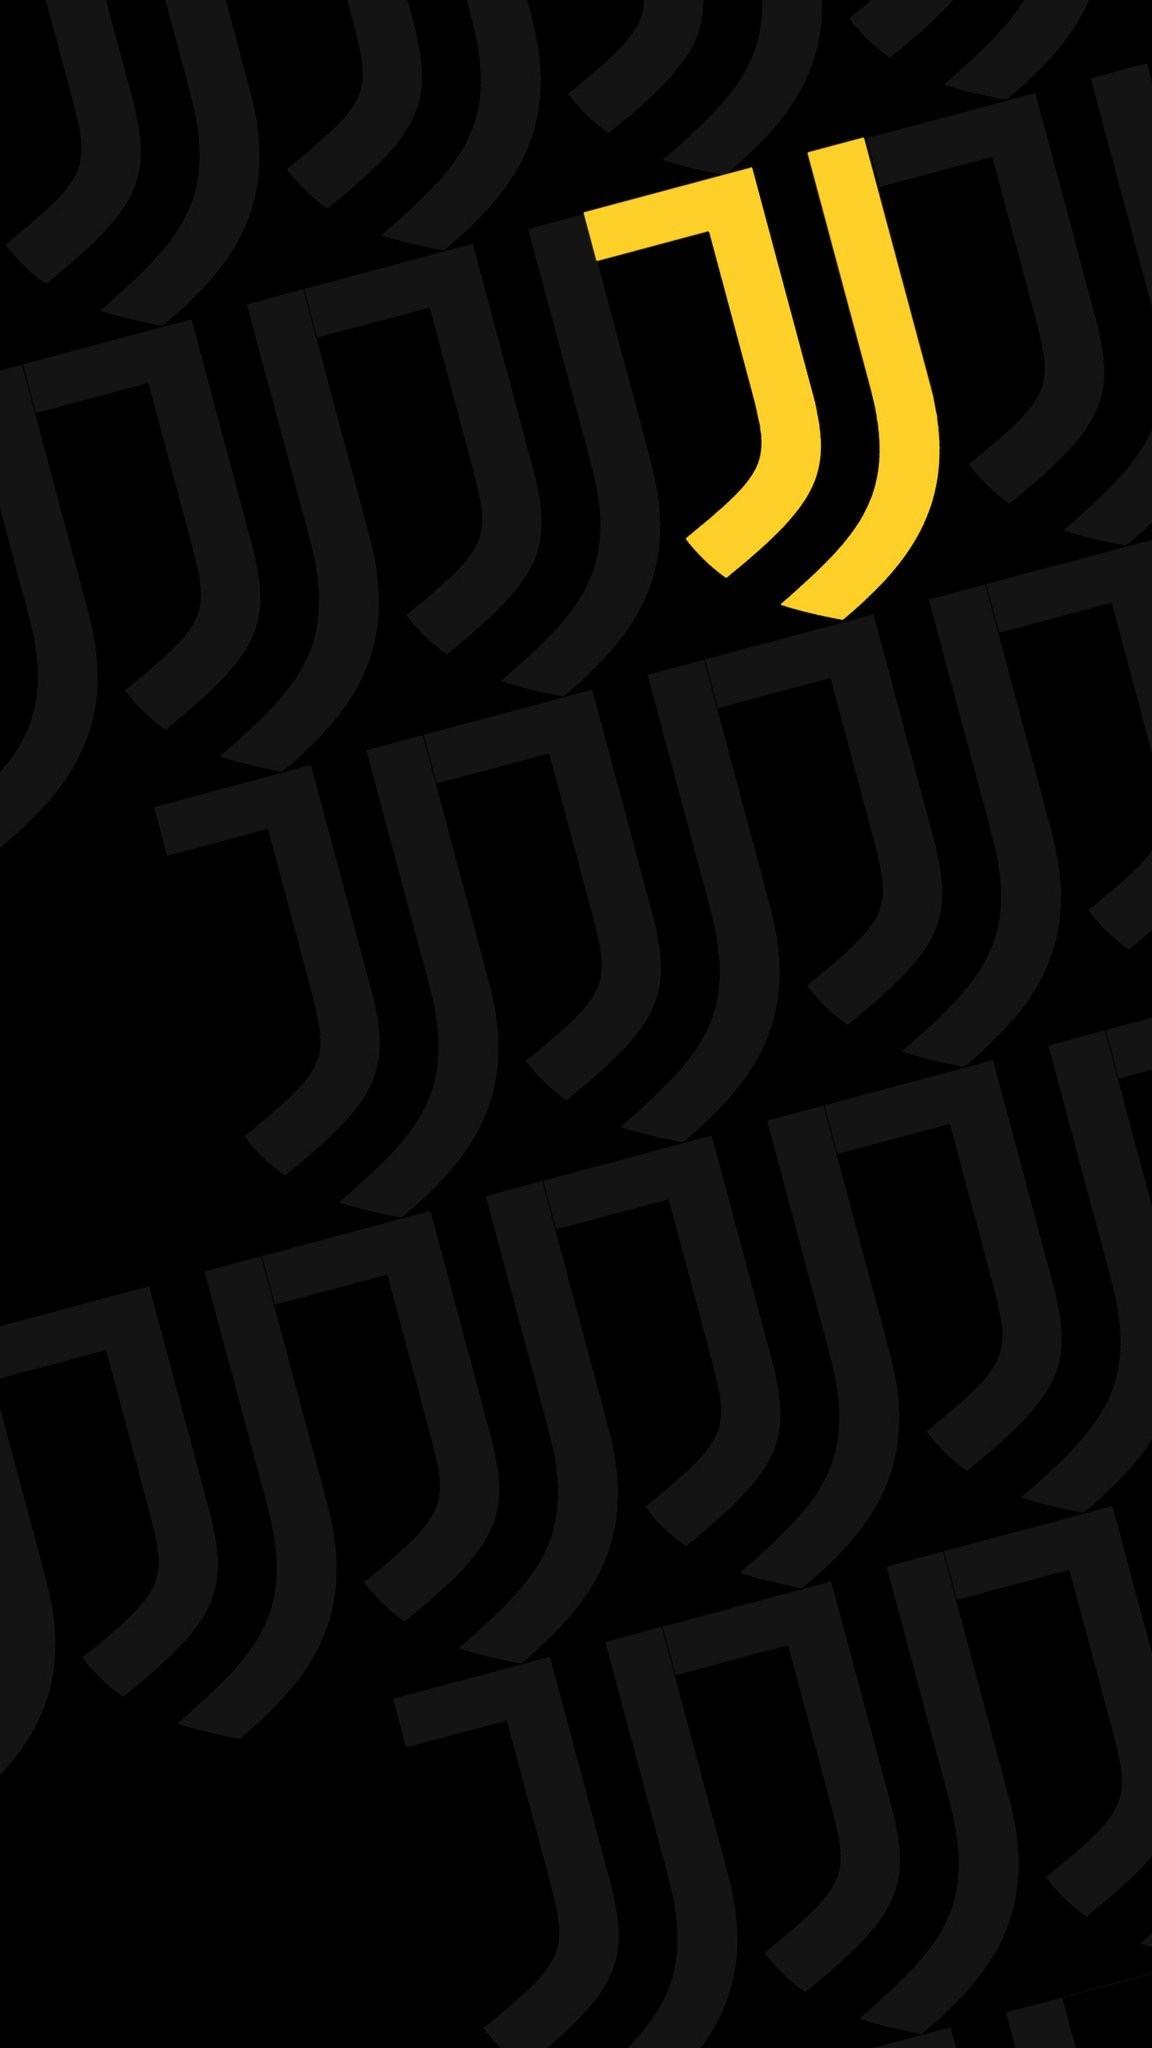 Popular Wallpaper Logo Juventus - 877004-logo-juventus-wallpaper-2018-1152x2048-macbook  Graphic_866290.jpg